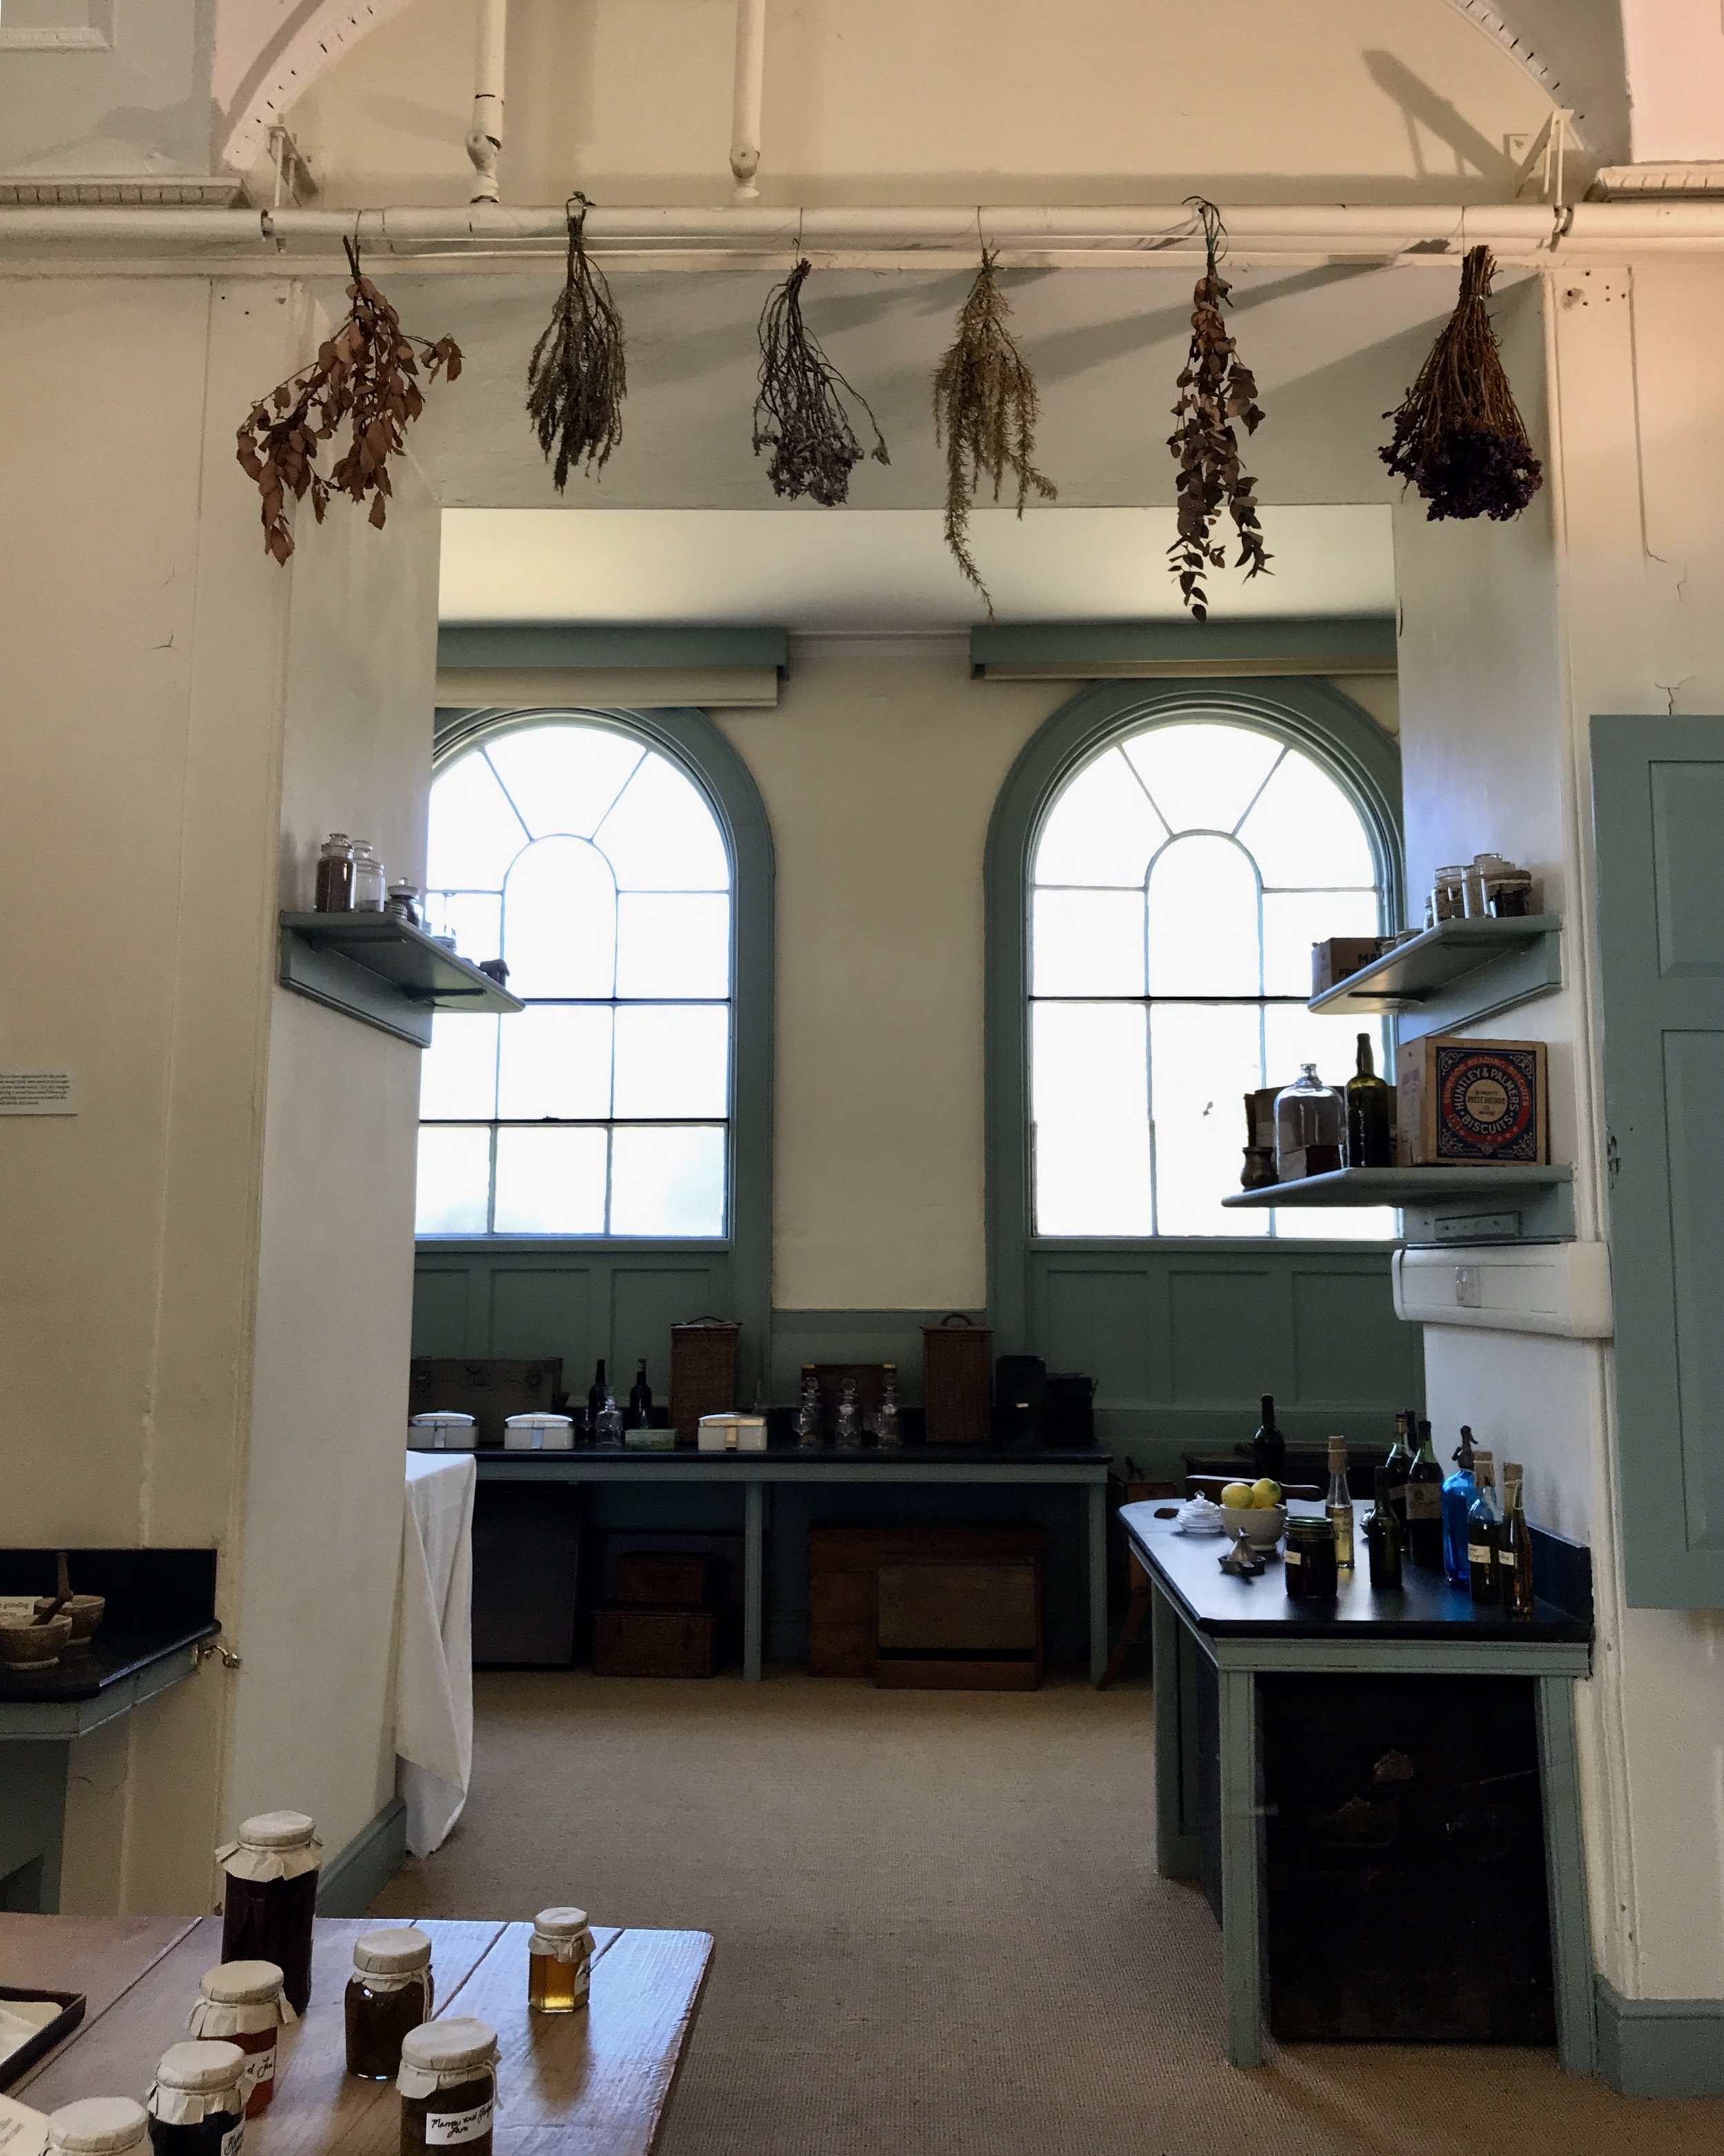 The Still Room Harewood House